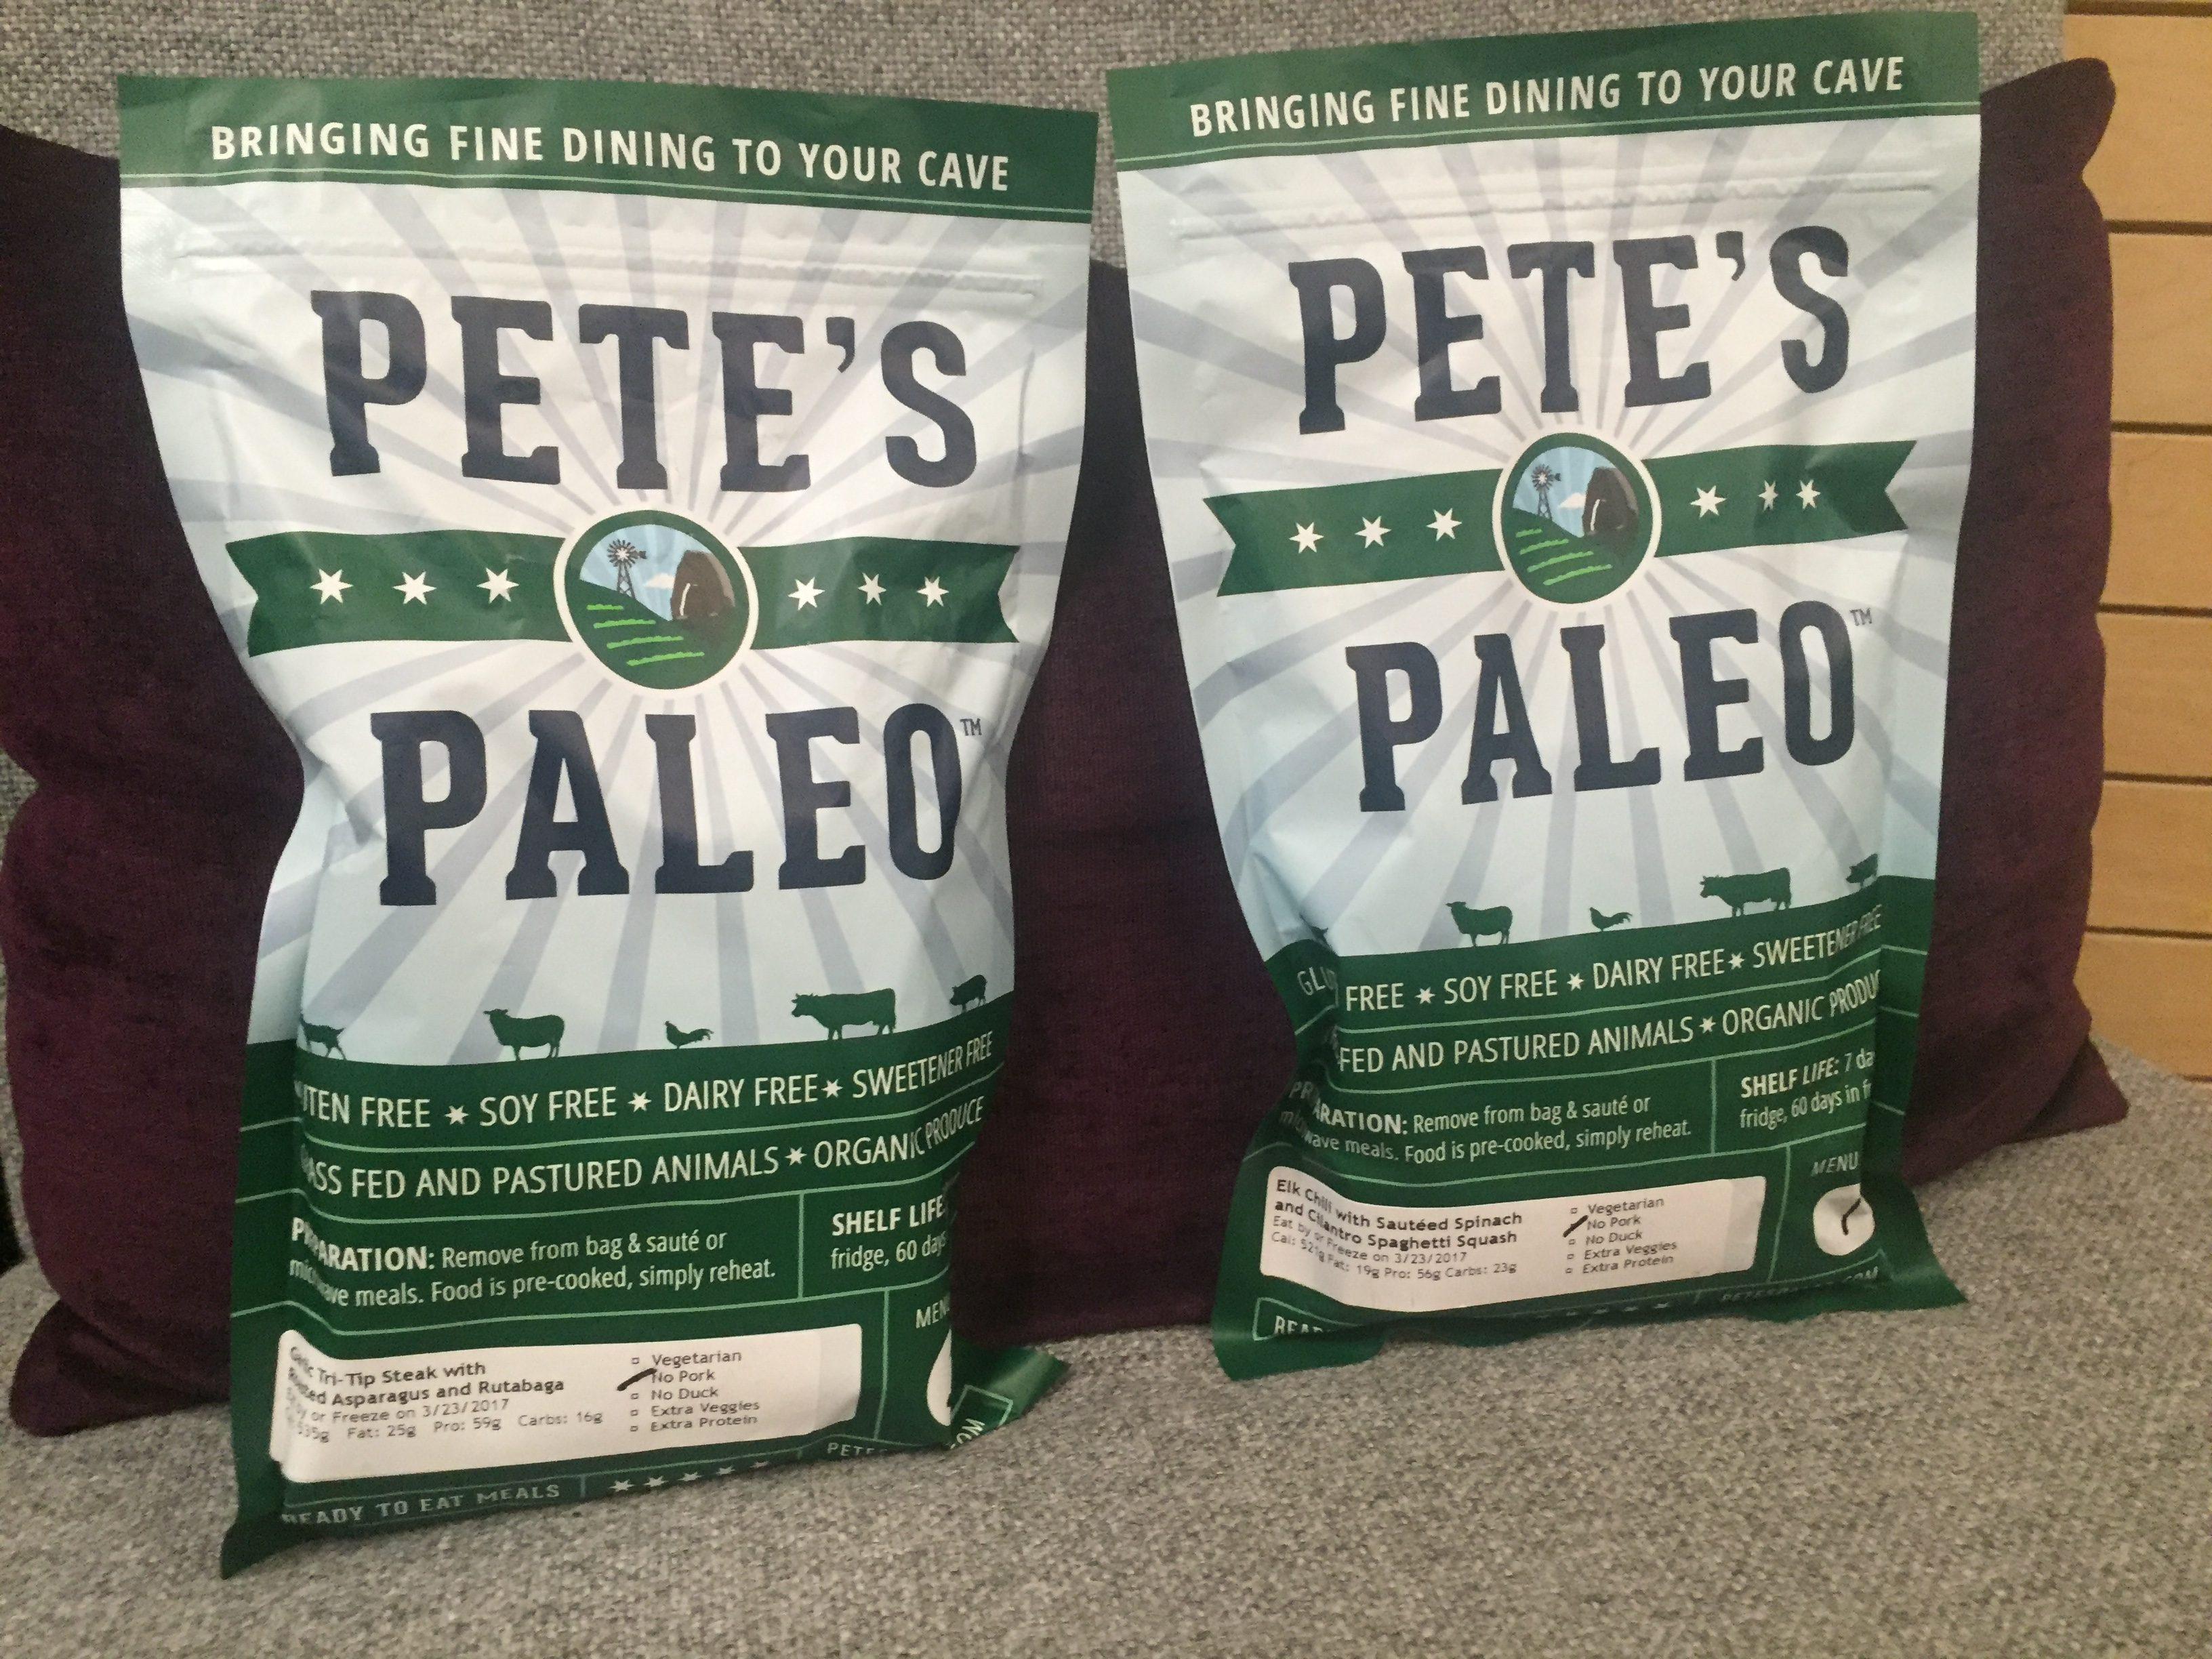 Pete's Paleo Nutrition